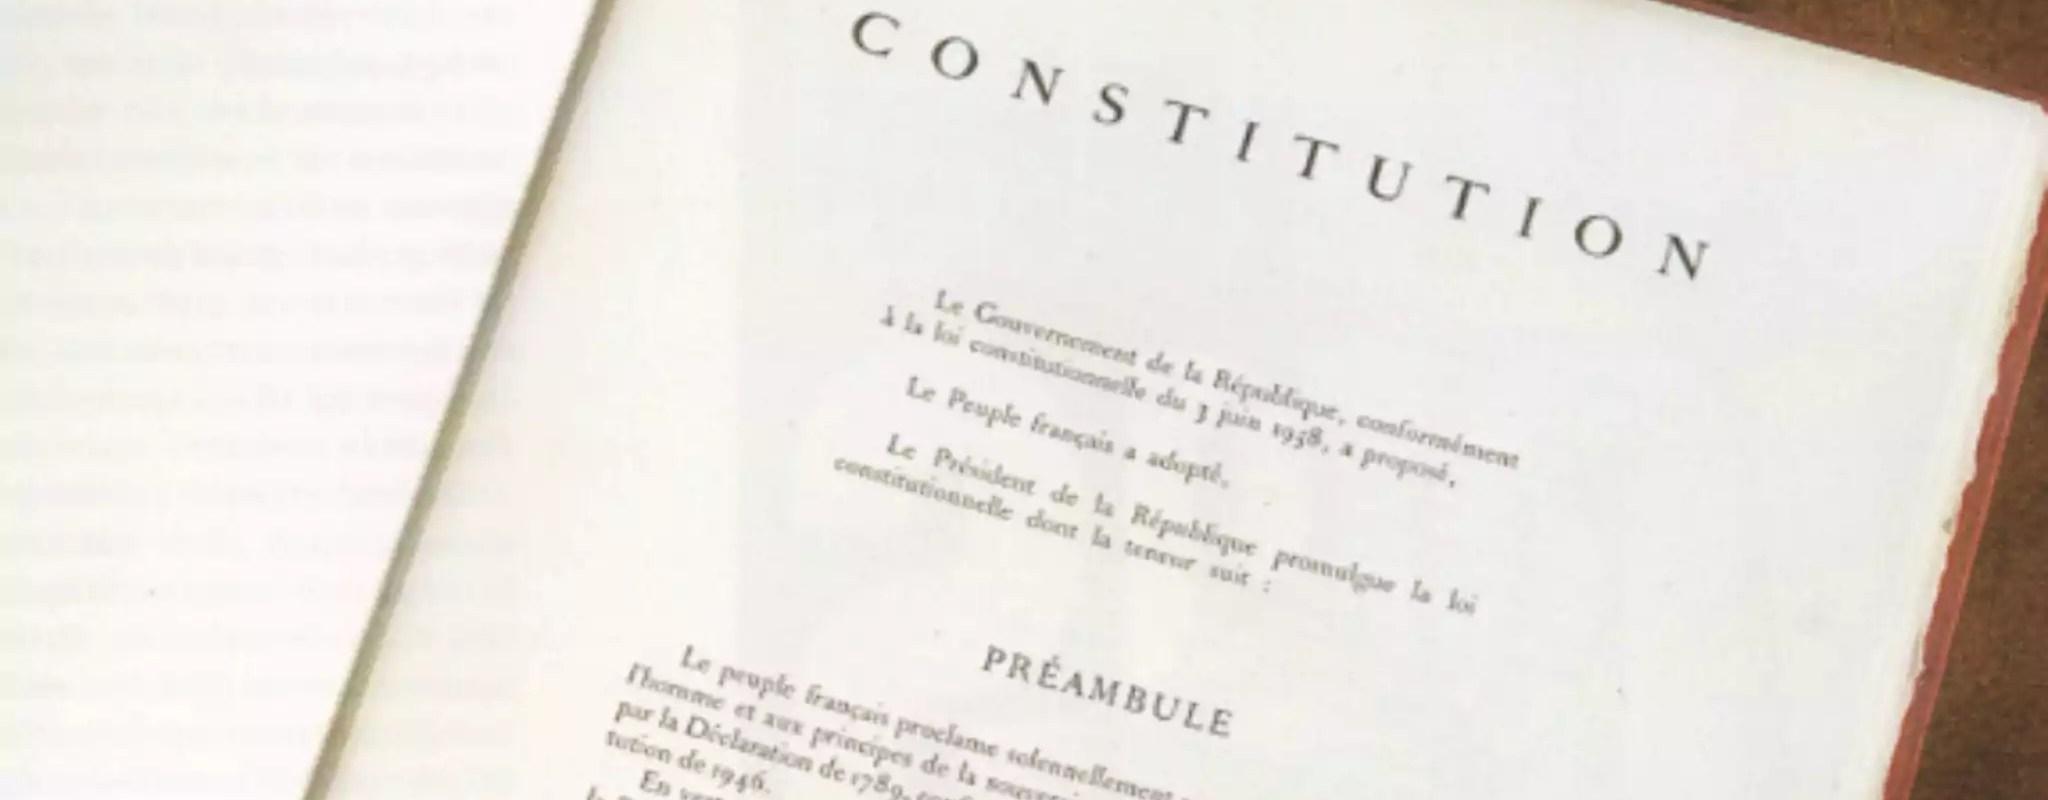 Département d'Alsace: les chausse-trappes de la réforme constitutionnelle